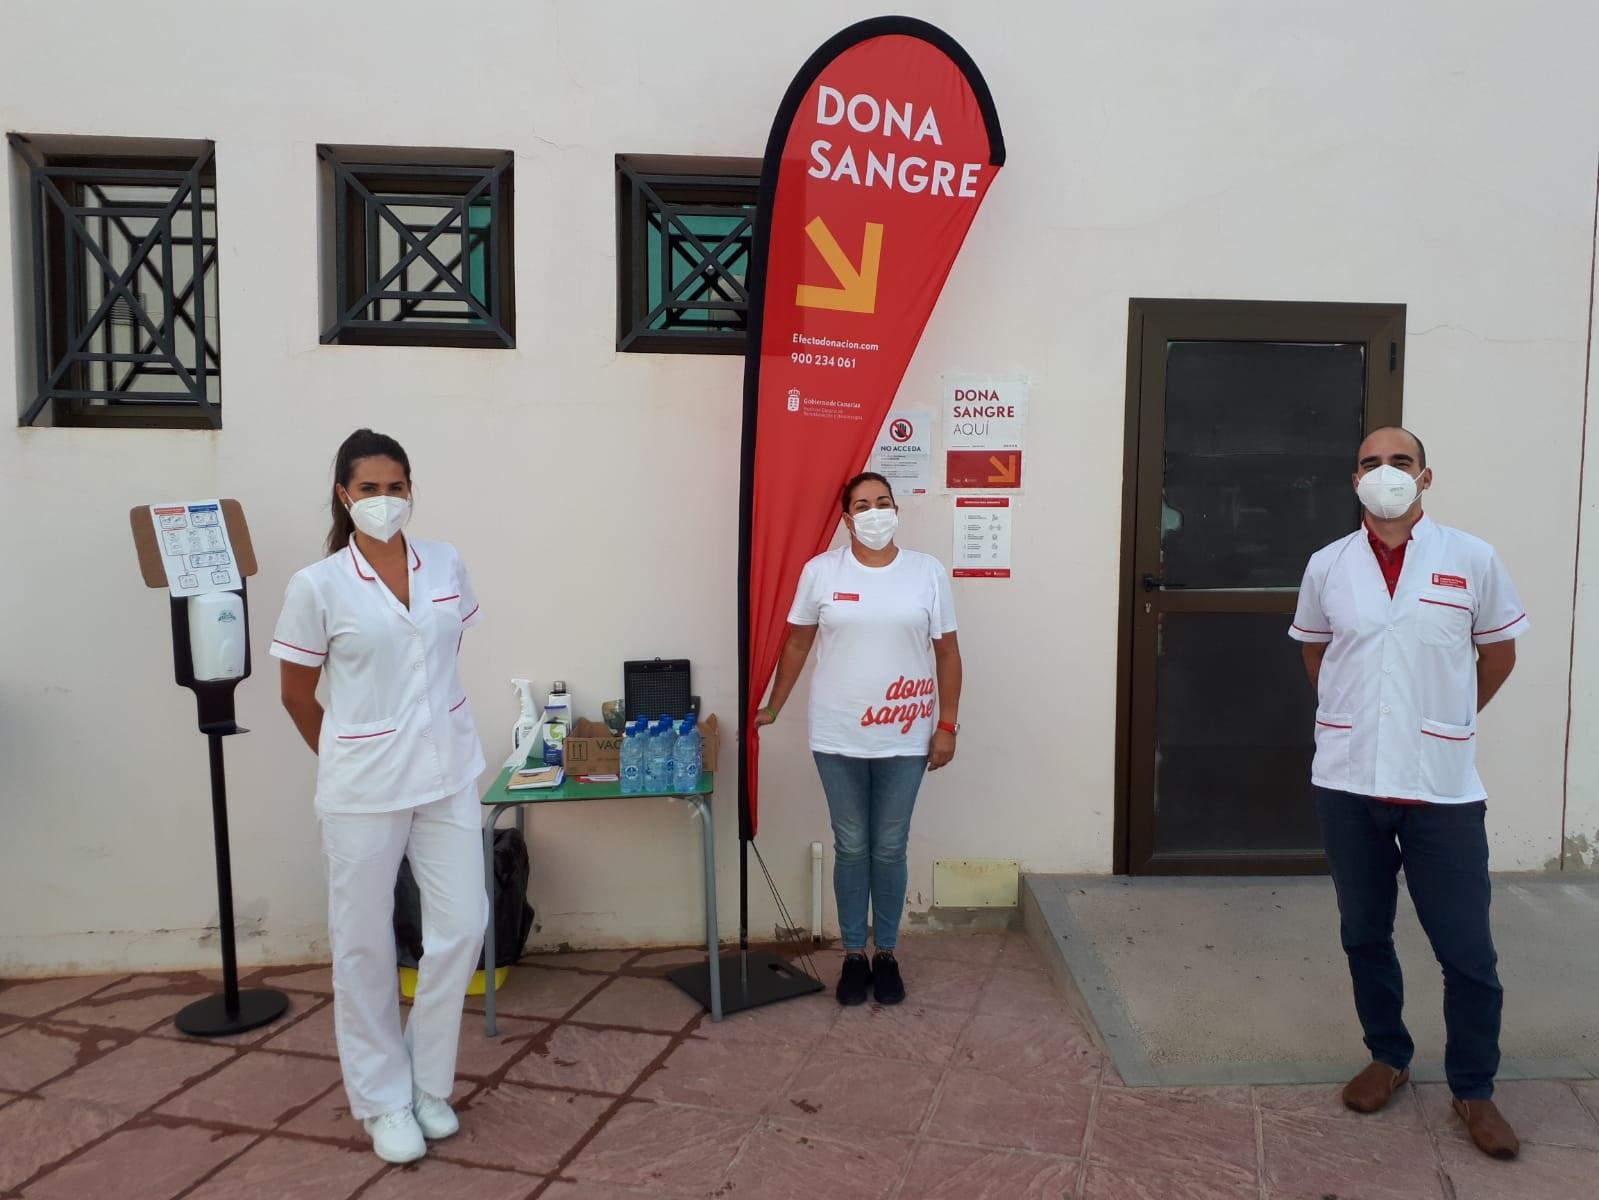 Un equipo del ICHH se desplaza a Fuerteventura para atender a la población donante de la Isla